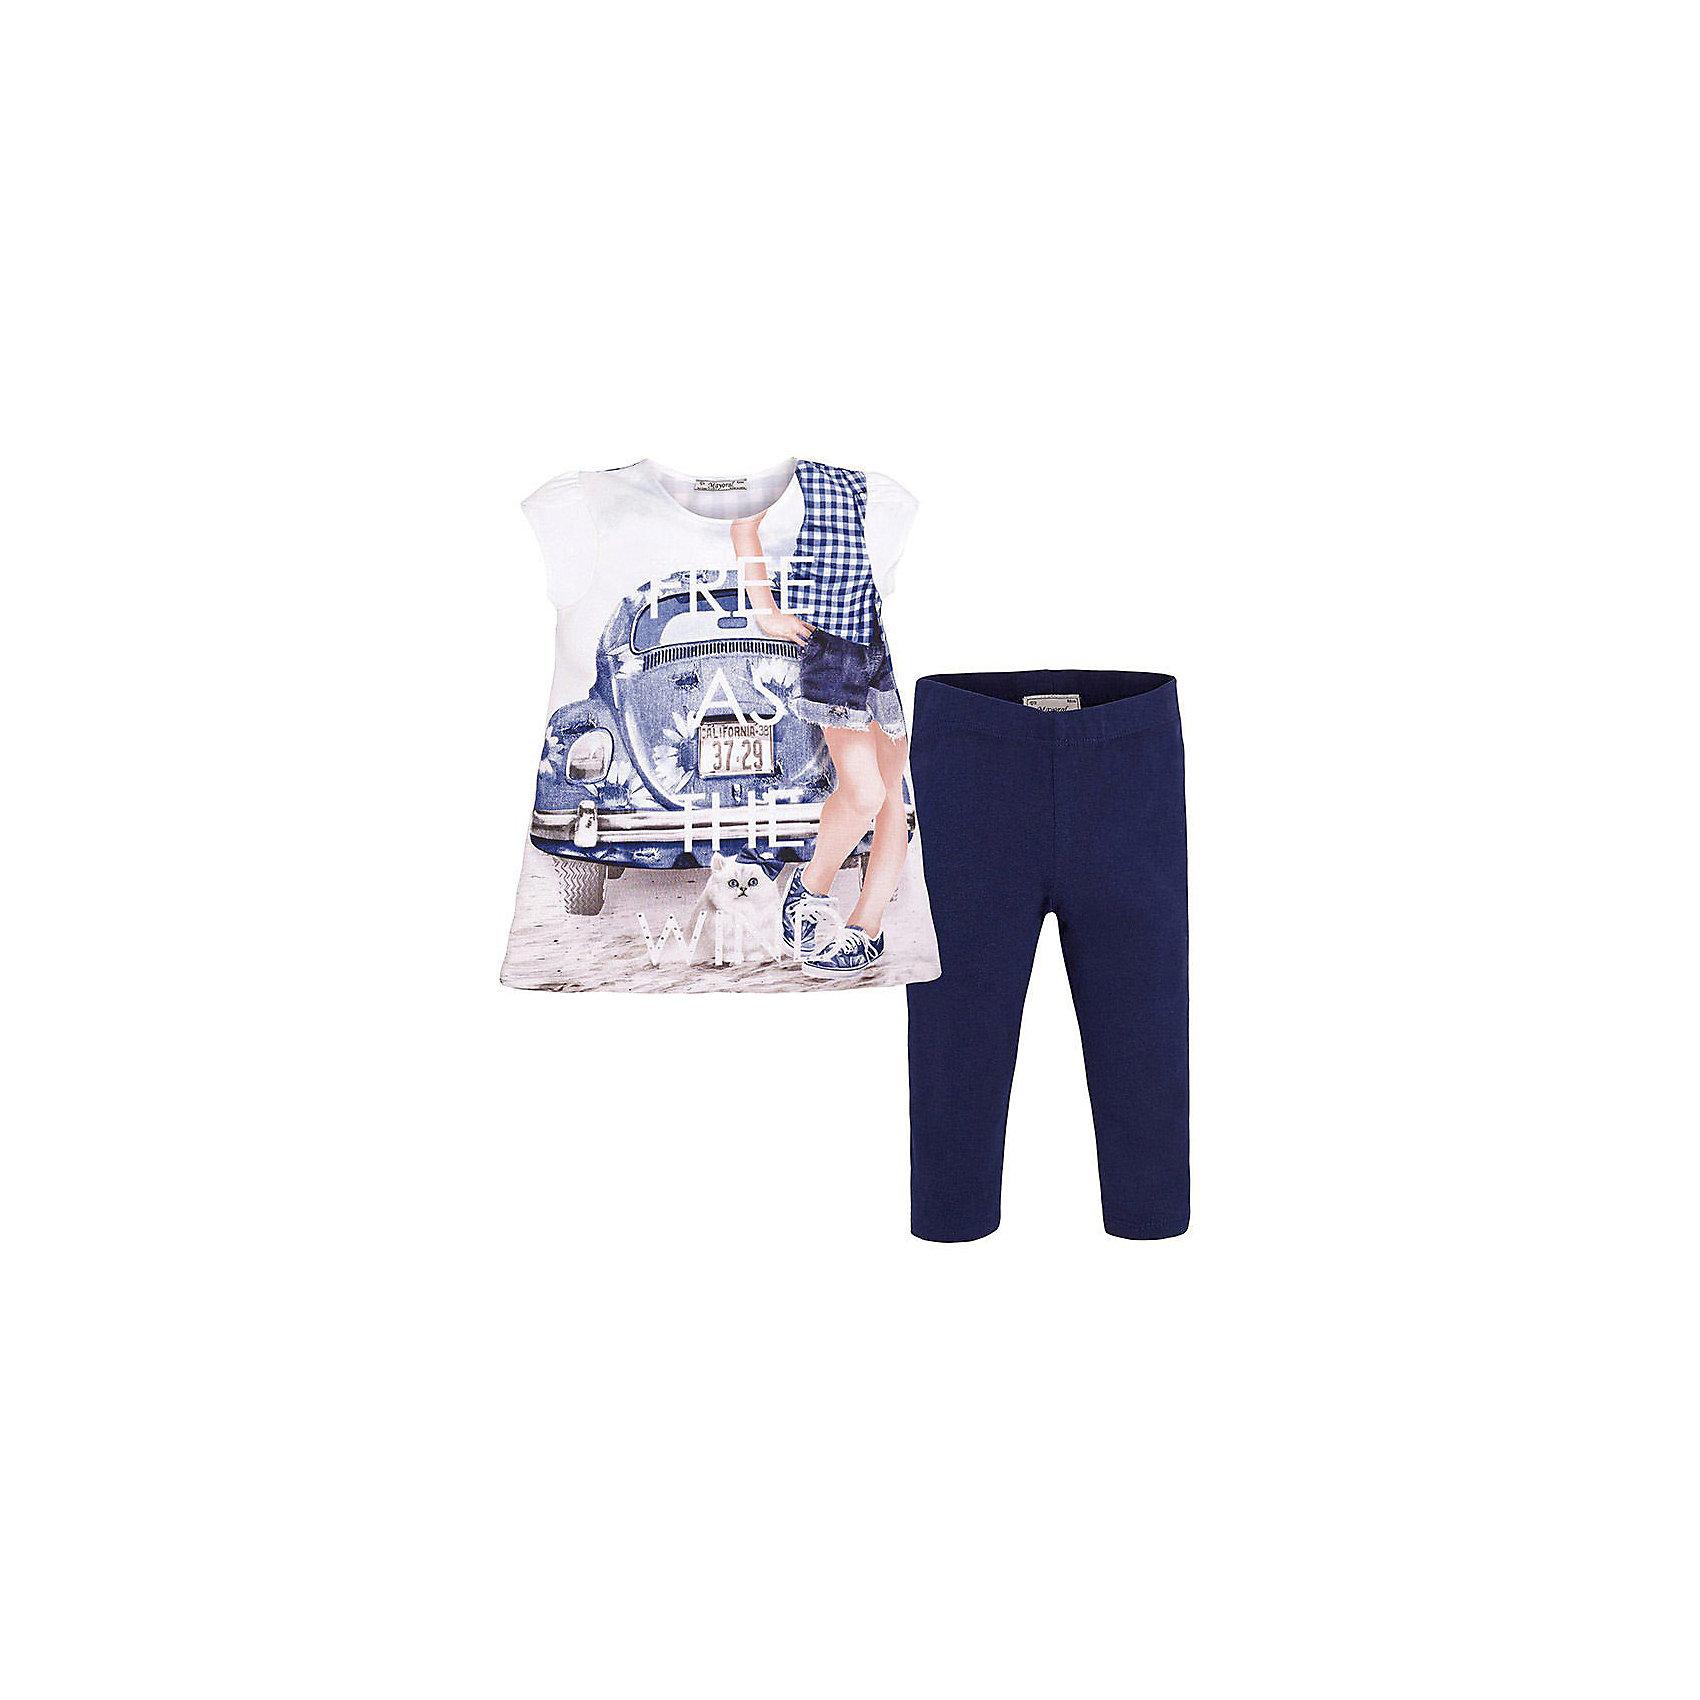 Комплект для девочки: леггинсы и футболка MayoralКомплект: леггинсы и футболка  для девочки от известной испанской марки Mayoral <br><br>Очень красивый комплект от Mayoral - отличный вариант летней одежды для девочек! Выглядит нарядно и оригинально. Модель выполнена из качественных материалов, отлично сидит по фигуре.<br><br>Особенности модели:<br><br>- цвет: синий;<br>- леггинсы -  однотонные, пояс на резинке;<br>- футболка украшена принтом.<br><br>Дополнительная информация:<br><br>Состав: 92% хлопок, 8% эластан<br><br>Комплект: леггинсы и футболка для девочки Mayoral (Майорал) можно купить в нашем магазине.<br><br>Ширина мм: 123<br>Глубина мм: 10<br>Высота мм: 149<br>Вес г: 209<br>Цвет: синий<br>Возраст от месяцев: 24<br>Возраст до месяцев: 36<br>Пол: Женский<br>Возраст: Детский<br>Размер: 98,92,134,128,122,116,110,104<br>SKU: 4542885